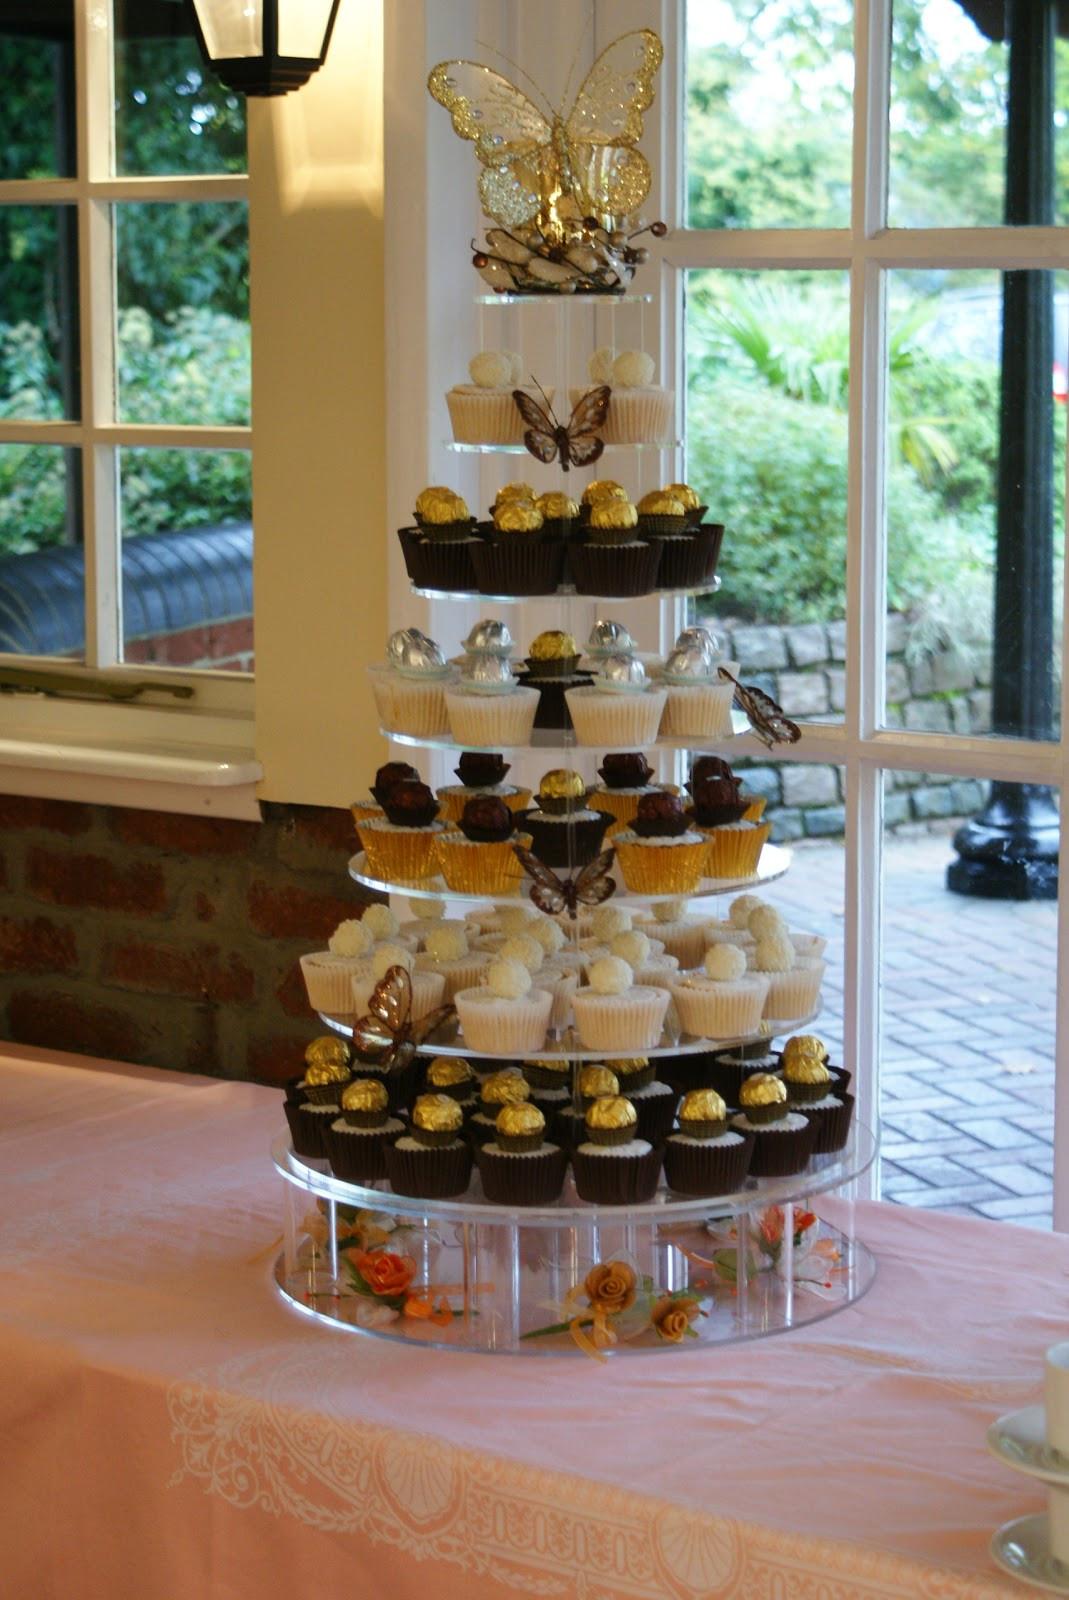 Ferrero Rocher Wedding Cakes  Ferrero rocher wedding cake idea in 2017